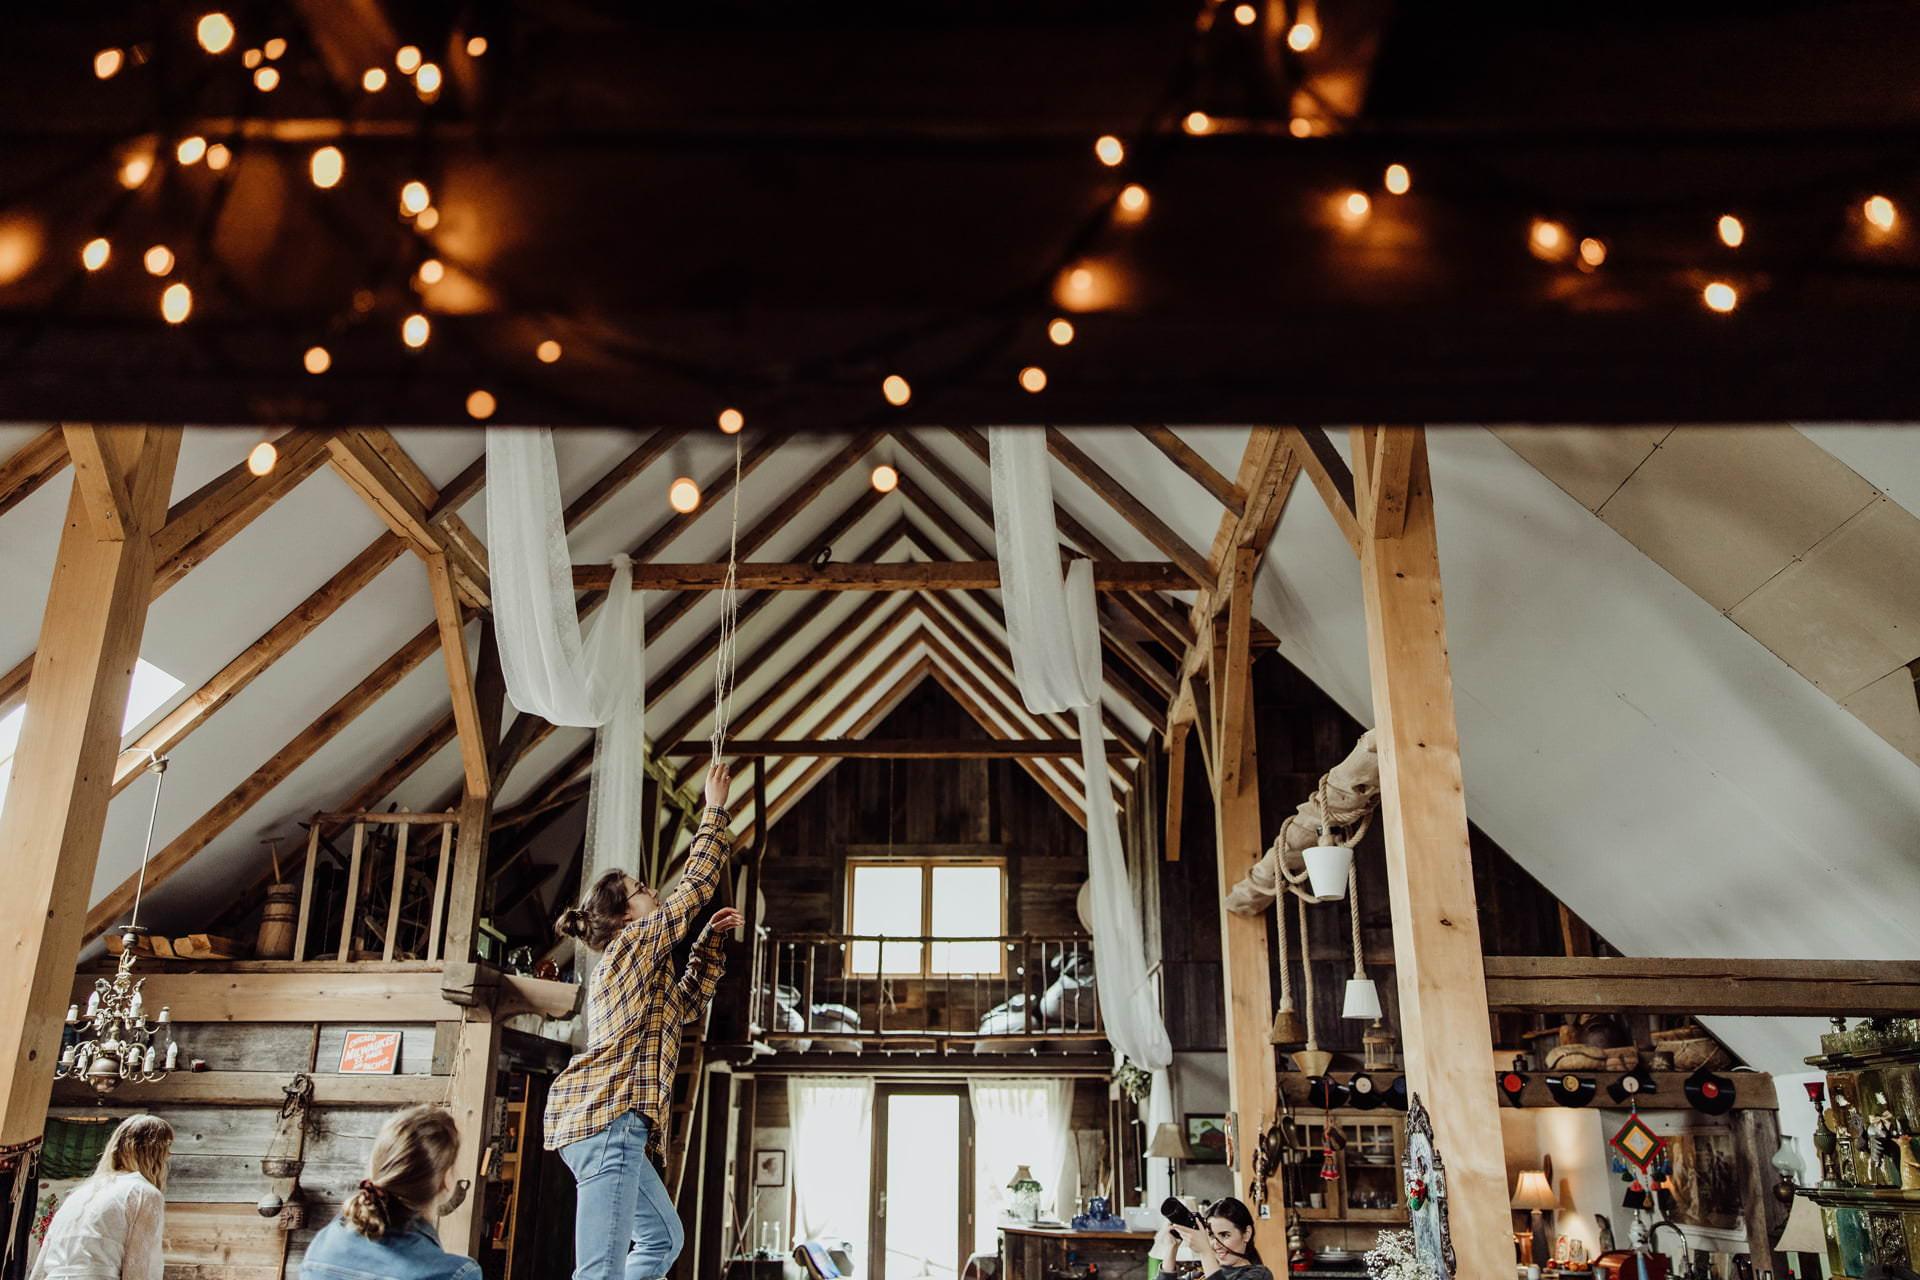 odnowienie przysiegi stodola u jojo 37 Odnowienie przysięgi małżeńskiej w stodole u Jojo